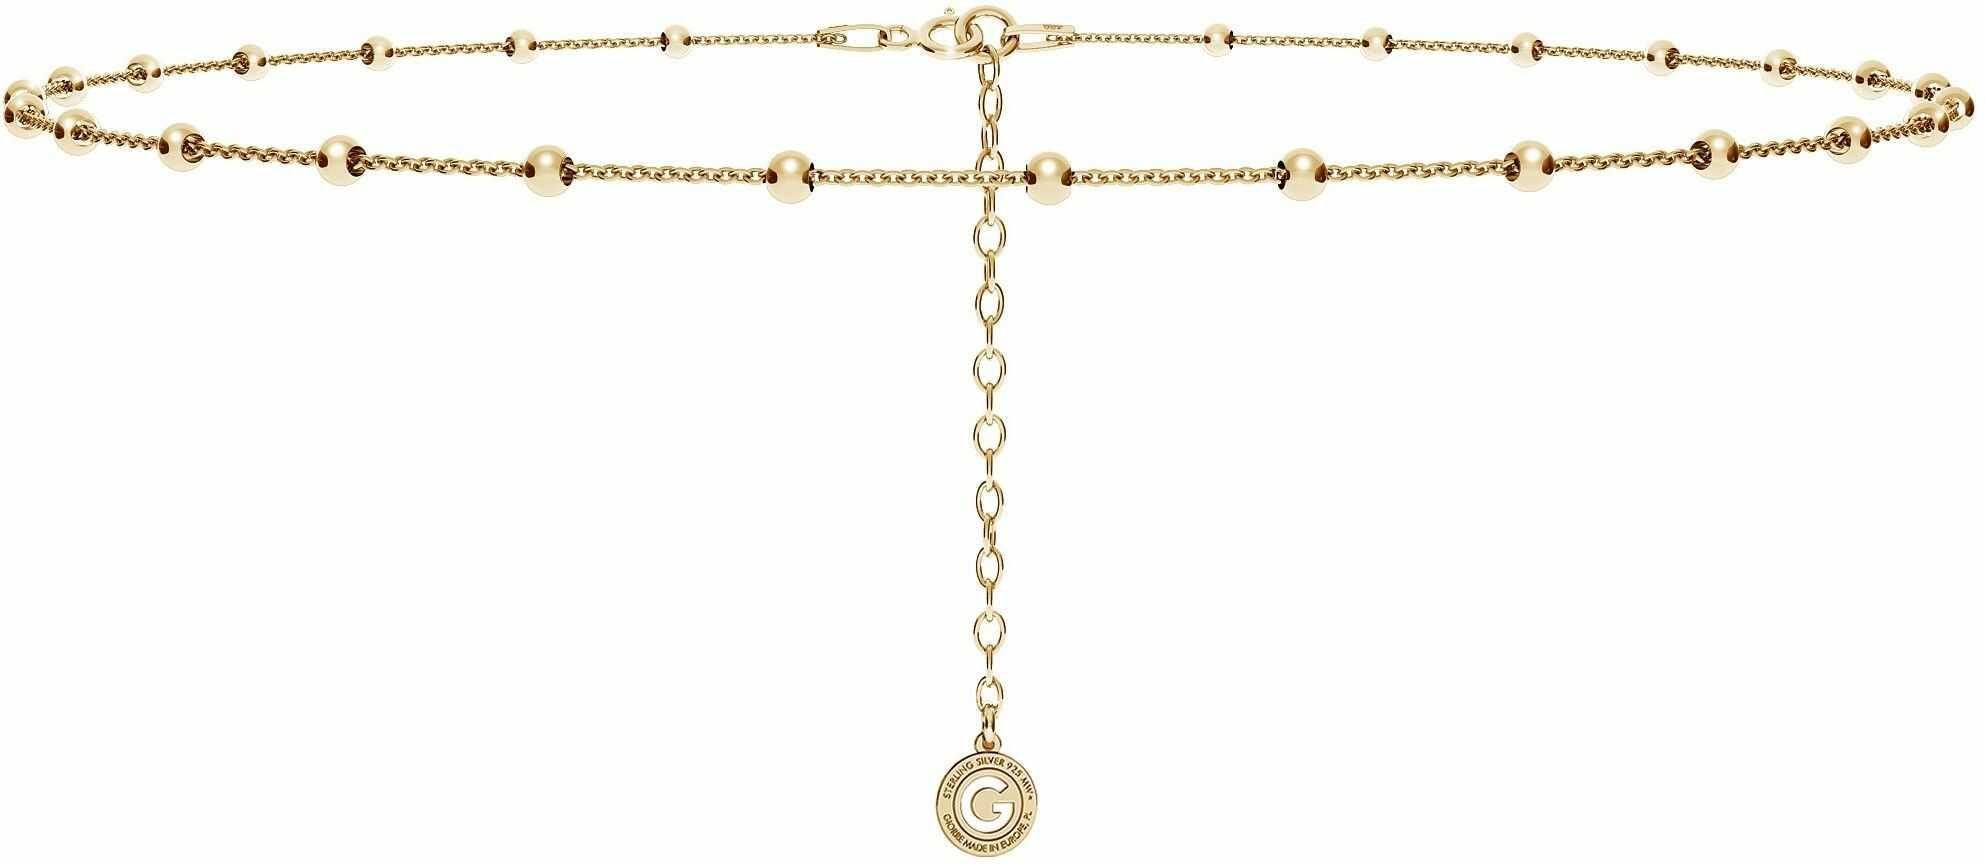 Srebrny łańcuszek choker ankier z kulkami, srebro 925 : Długość (cm) - 35 + 5, Srebro - kolor pokrycia - Pokrycie żółtym 18K złotem